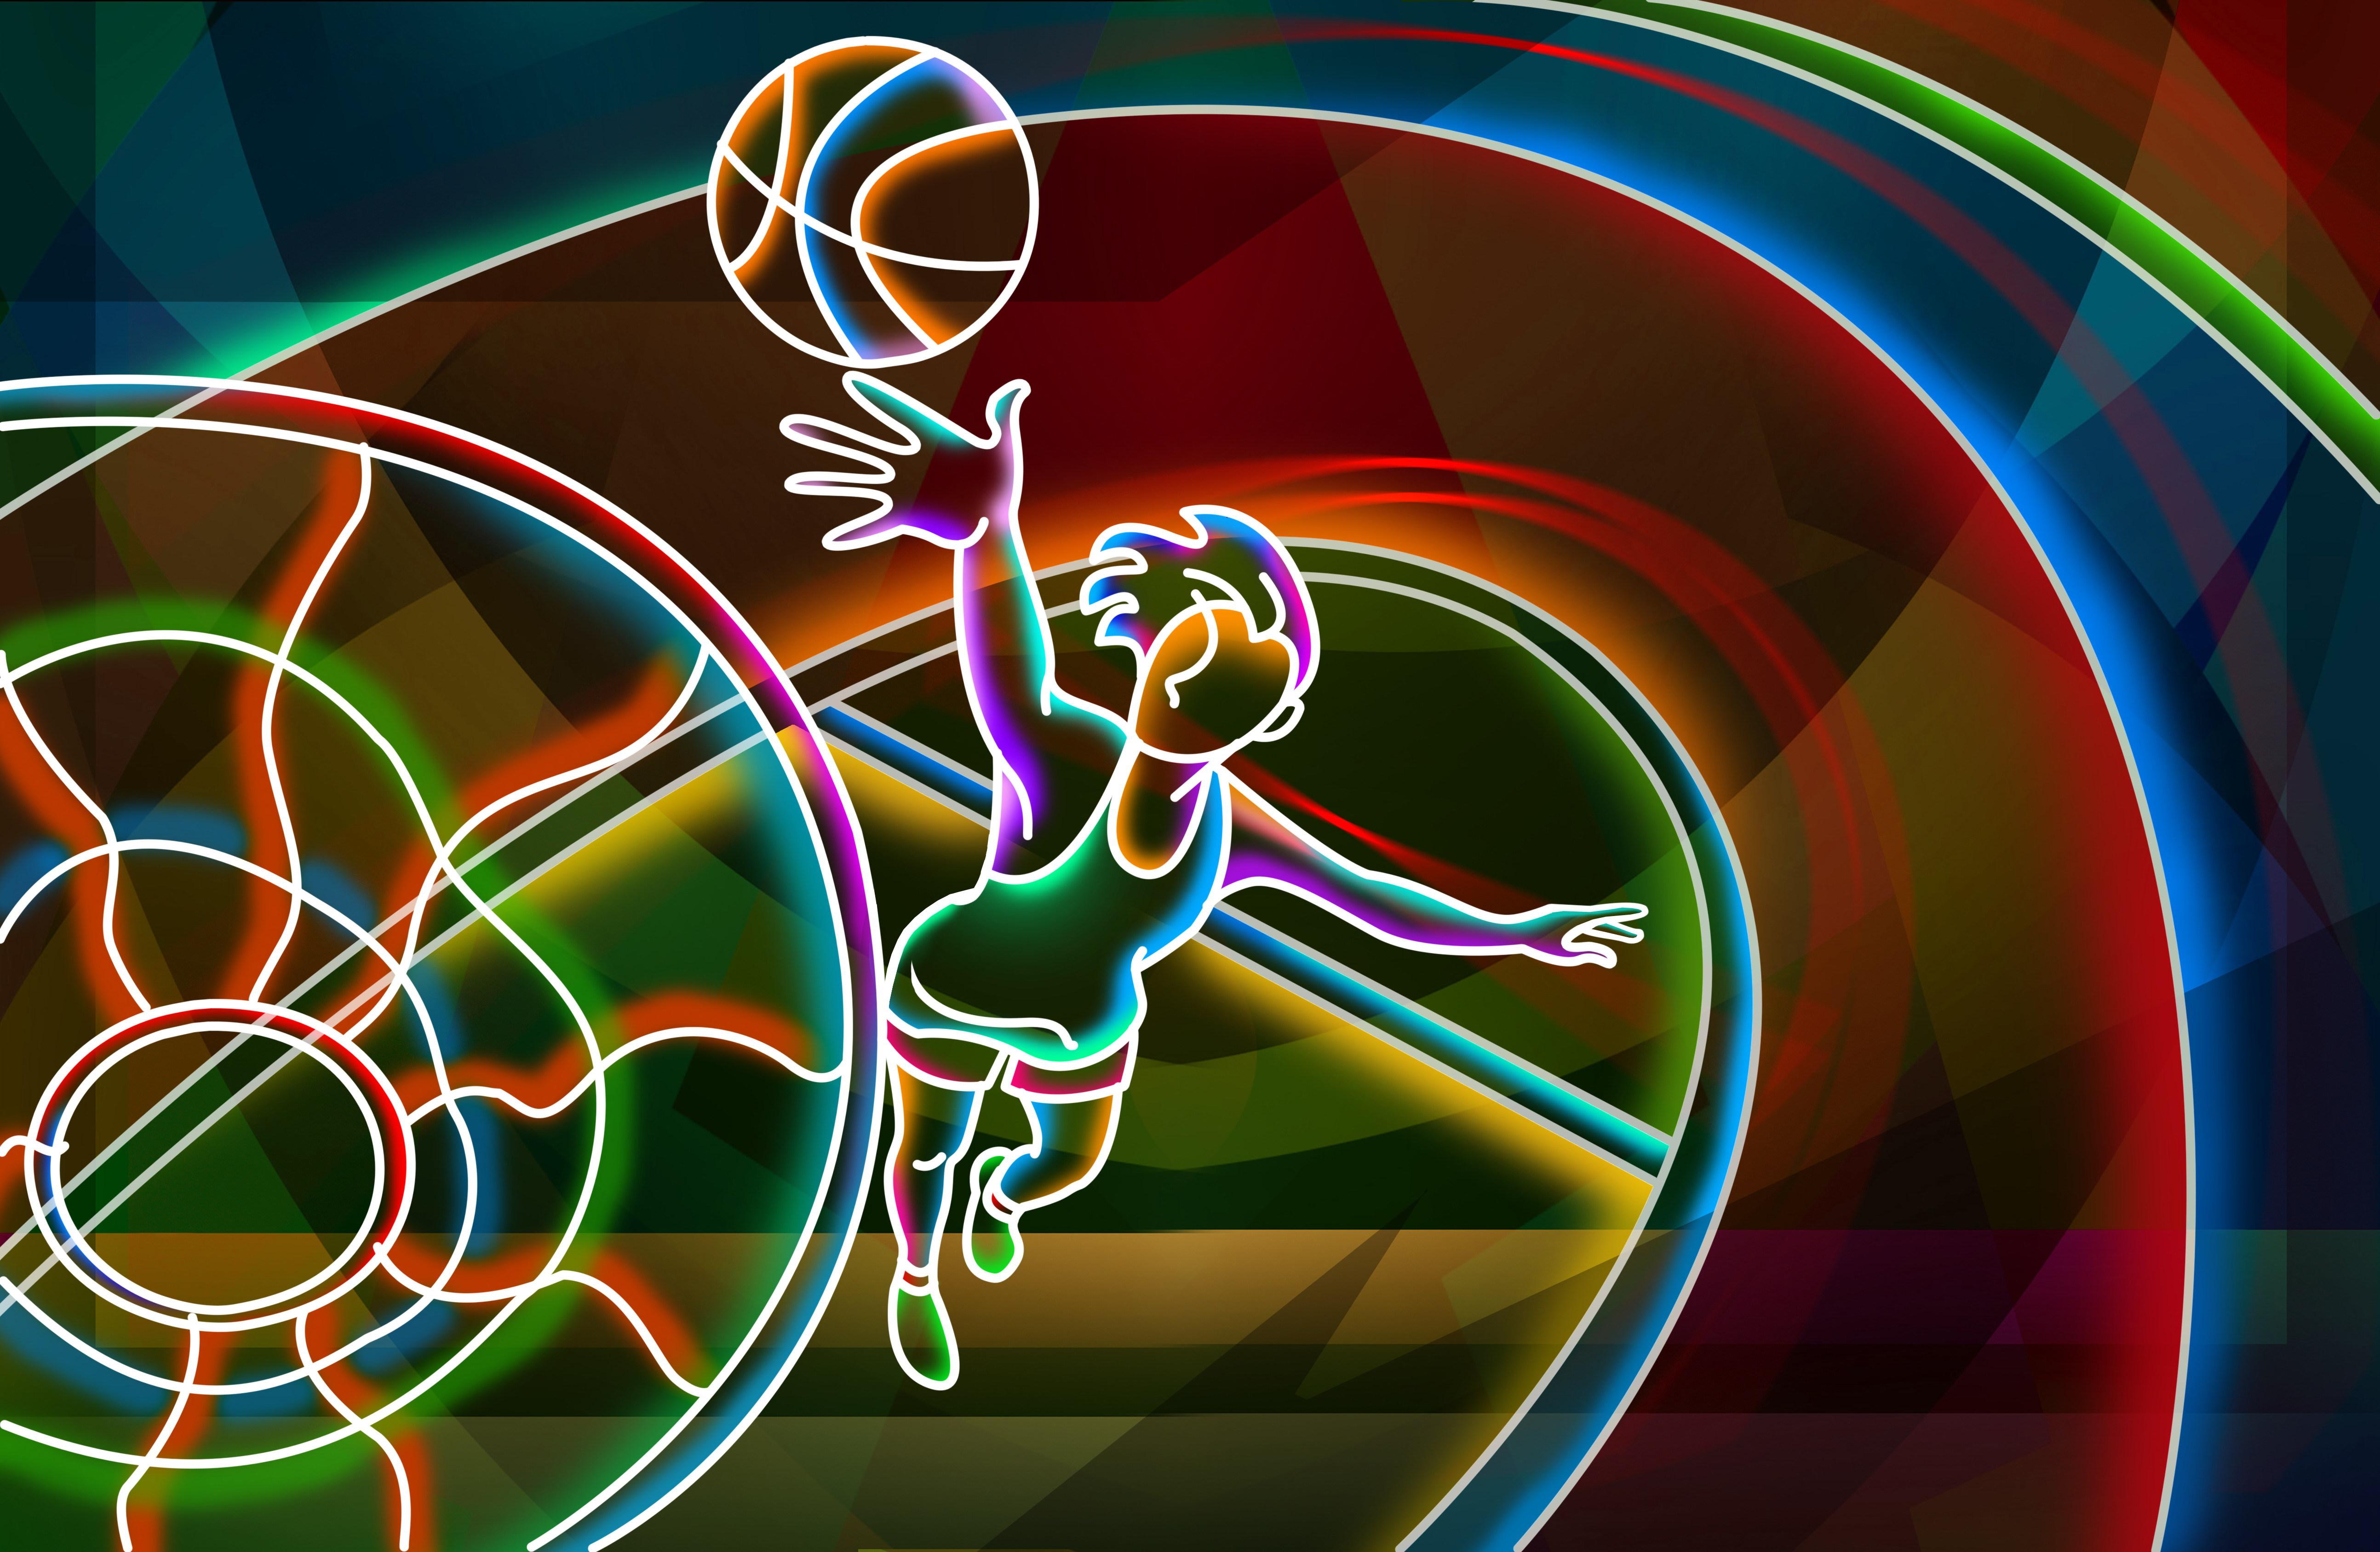 Открытки, картинки спортивная тематика